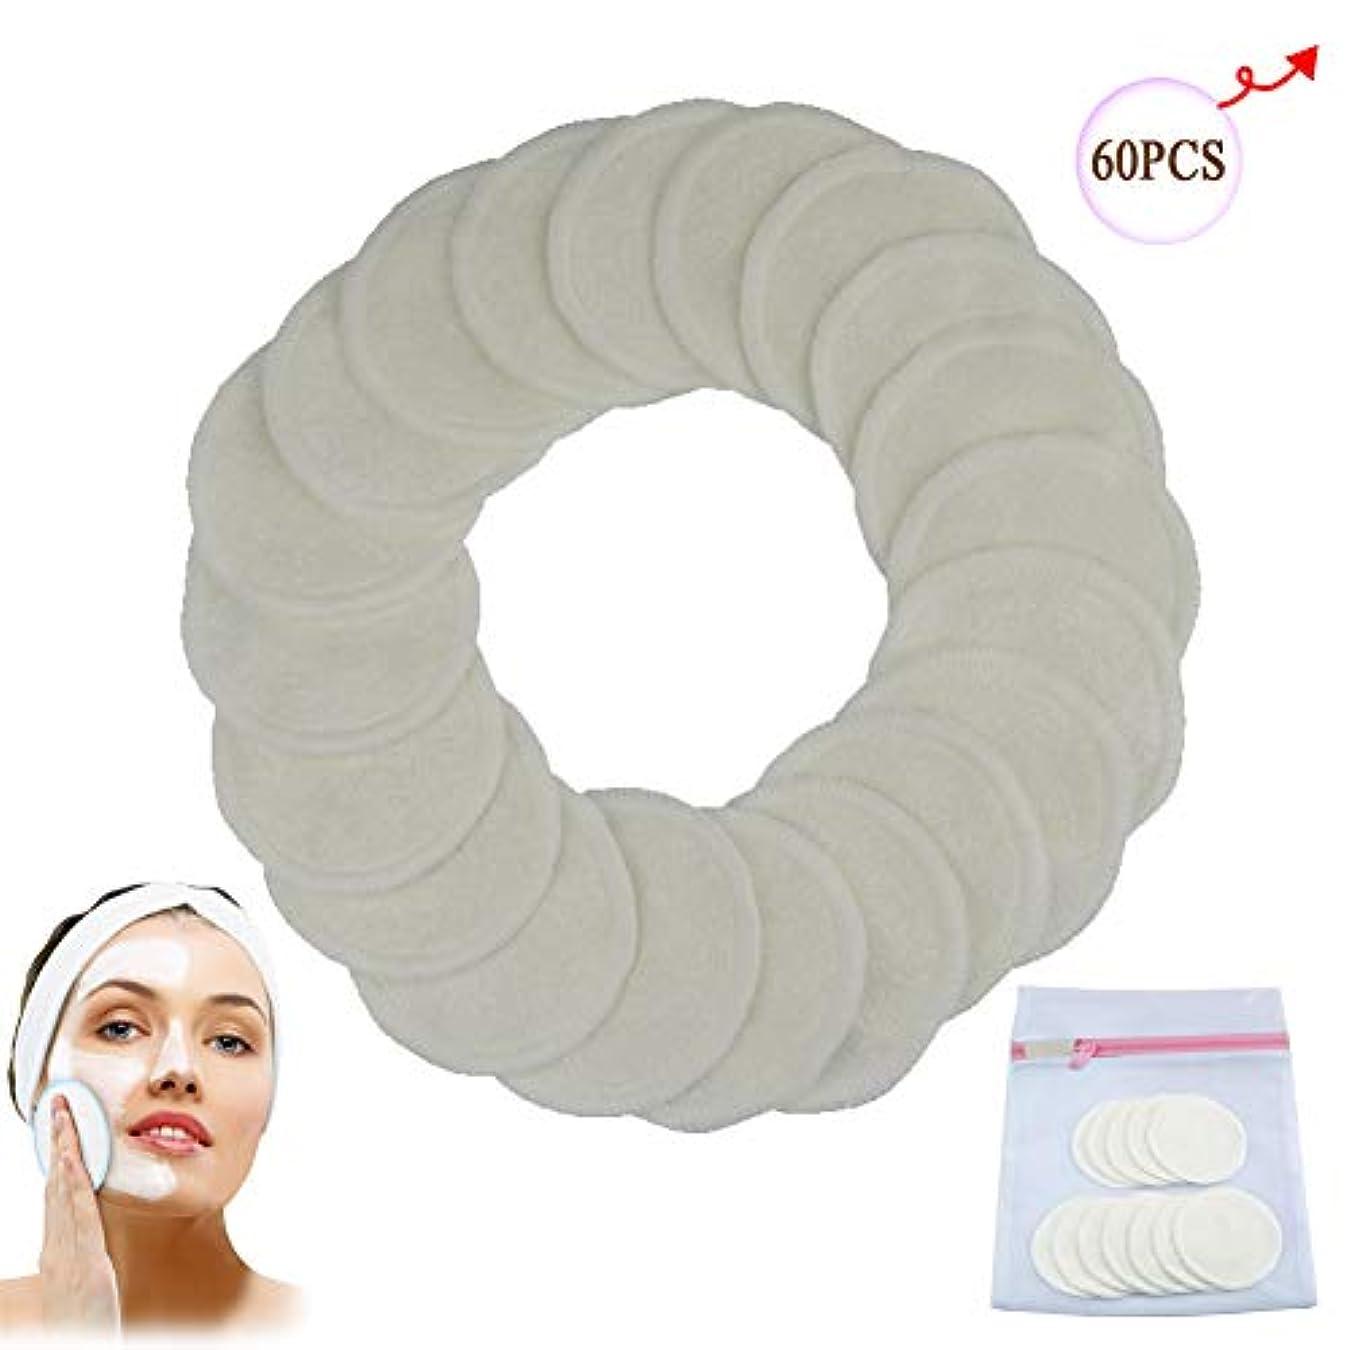 ママウール回復するリムーバーパッド、再利用可能な2層の竹繊維の綿パッド、洗えるワイプソフトと快適なランドリーバッグ用女性フェイス/アイ/リップ,60PCS